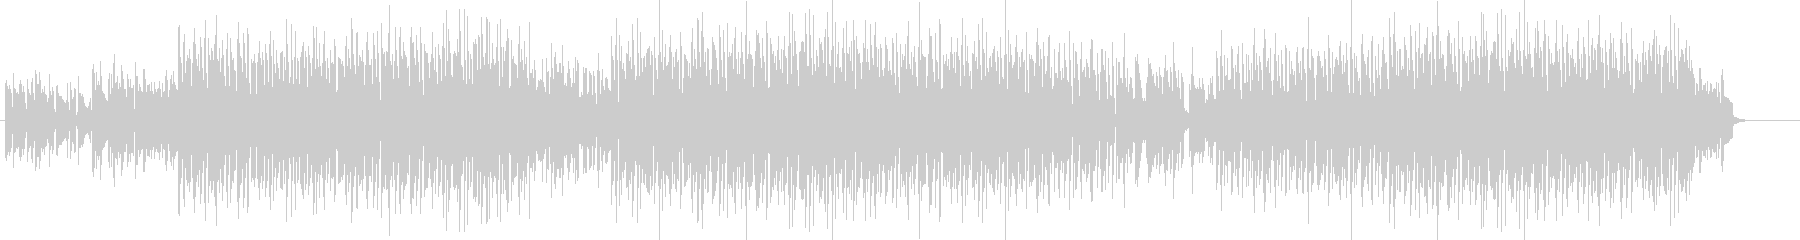 ラウンジBGMの未再生の波形